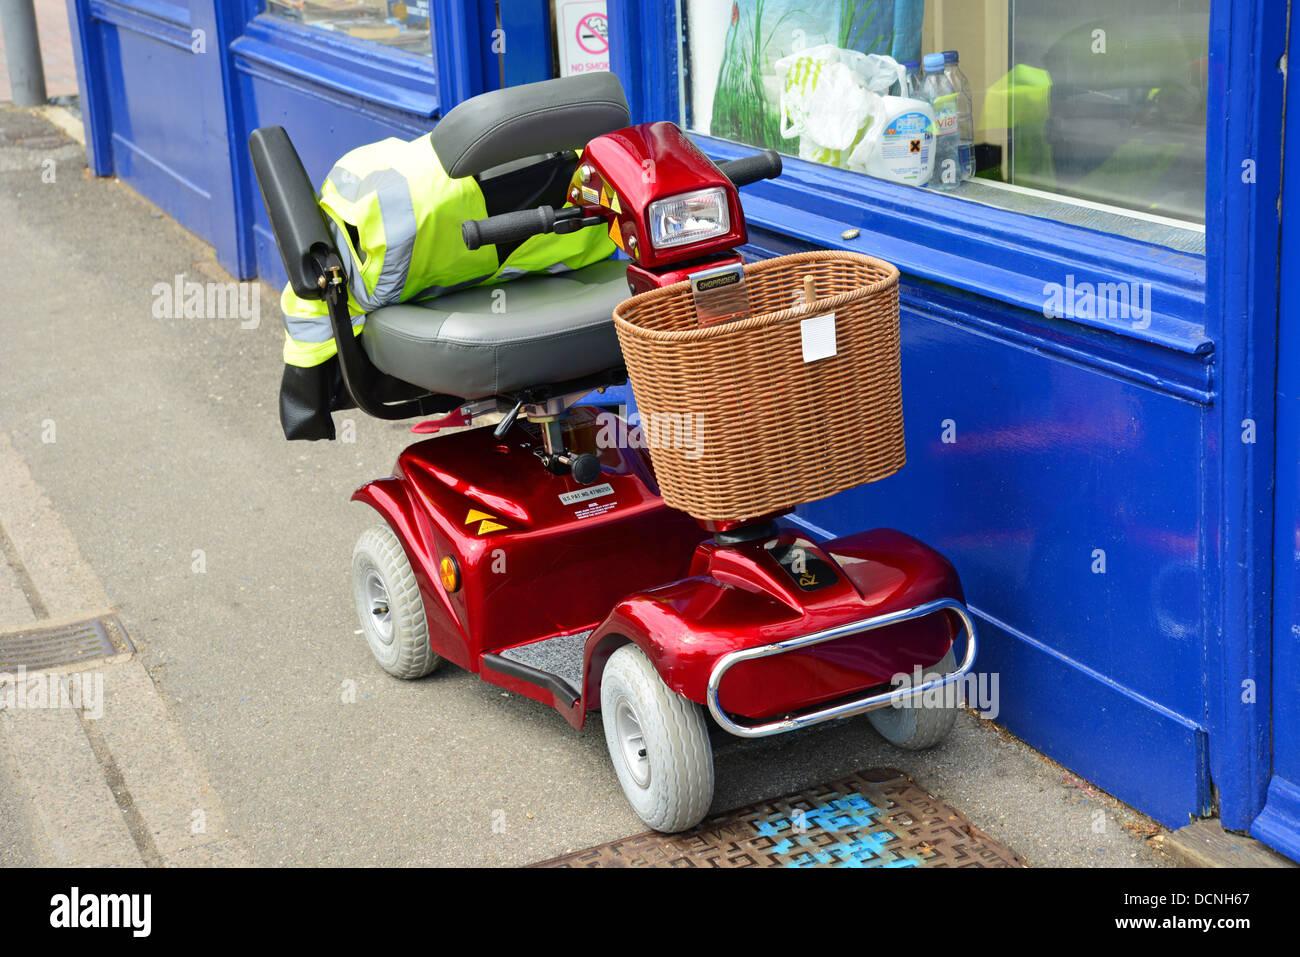 Mobilität Roller außerhalb Shop, hohe Stadt, Hereford, Herefordshire, England, Vereinigtes Königreich Stockbild